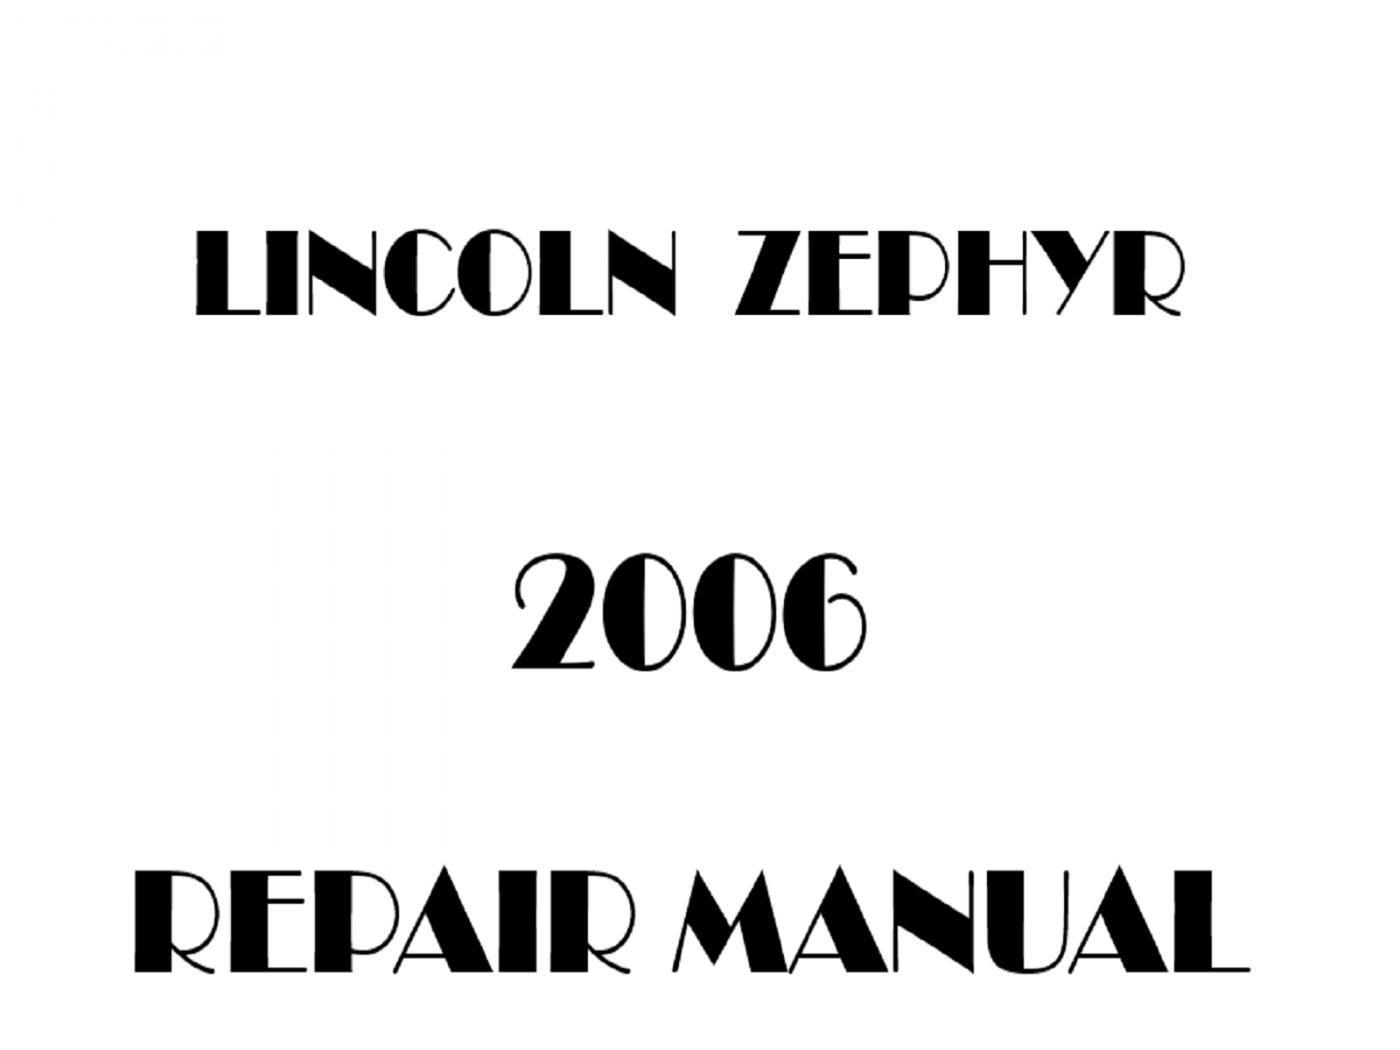 2006 Lincoln Zephyr repair manual